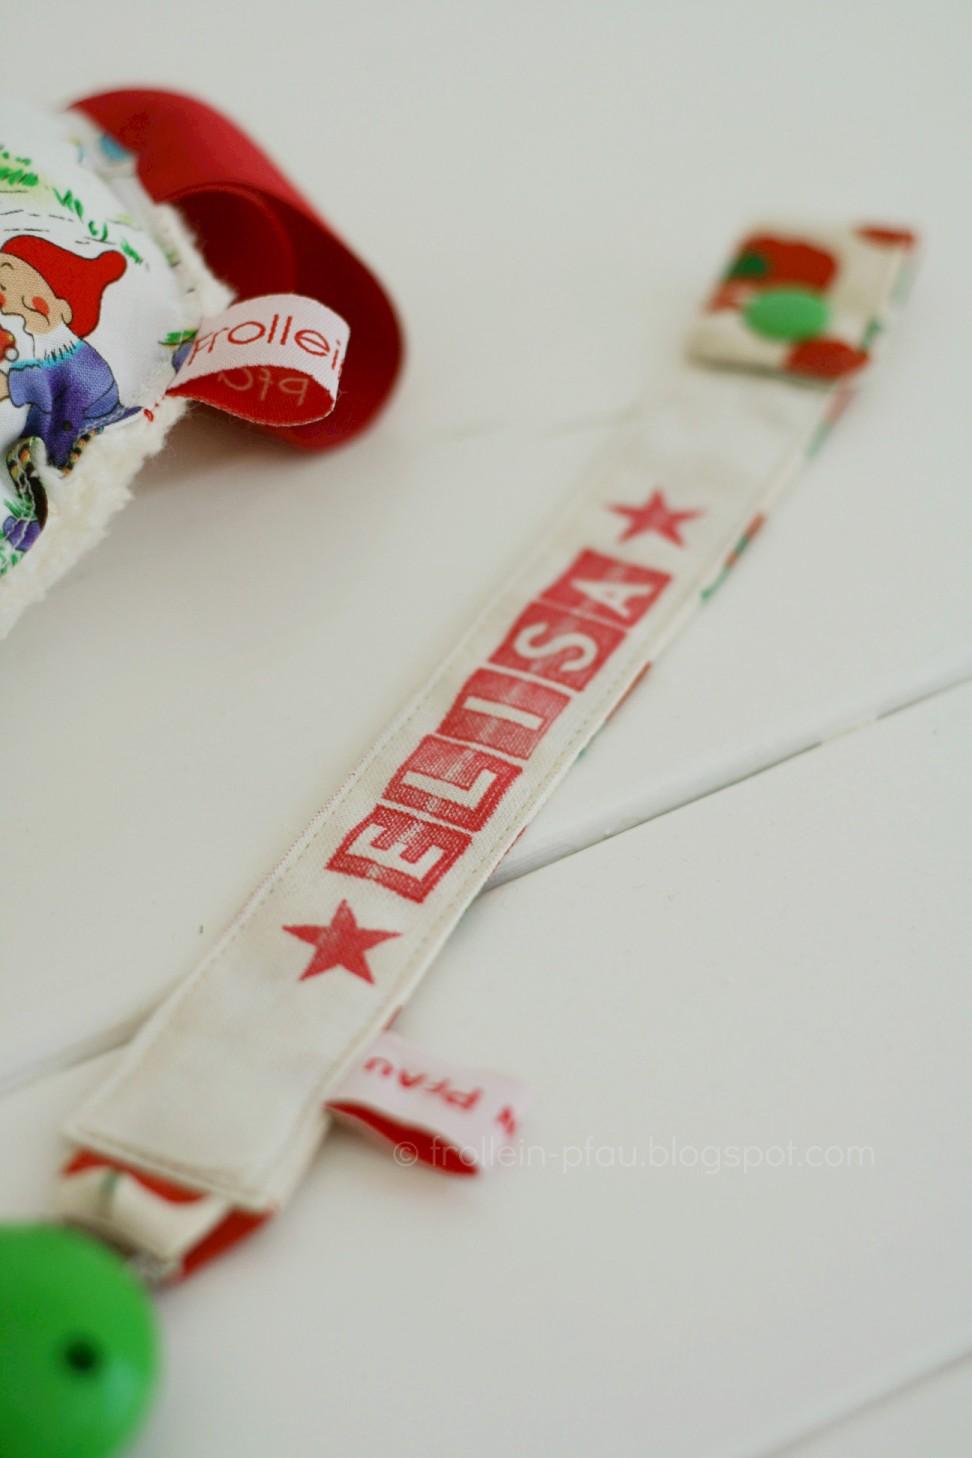 Creadienstag, Babyrassel, Schnullerband mit Namen, Schnullerkette selbstgenäht, Geschenk zur Geburt, selbstgemacht, kleines Geschenk, Baby, Babygeschenk